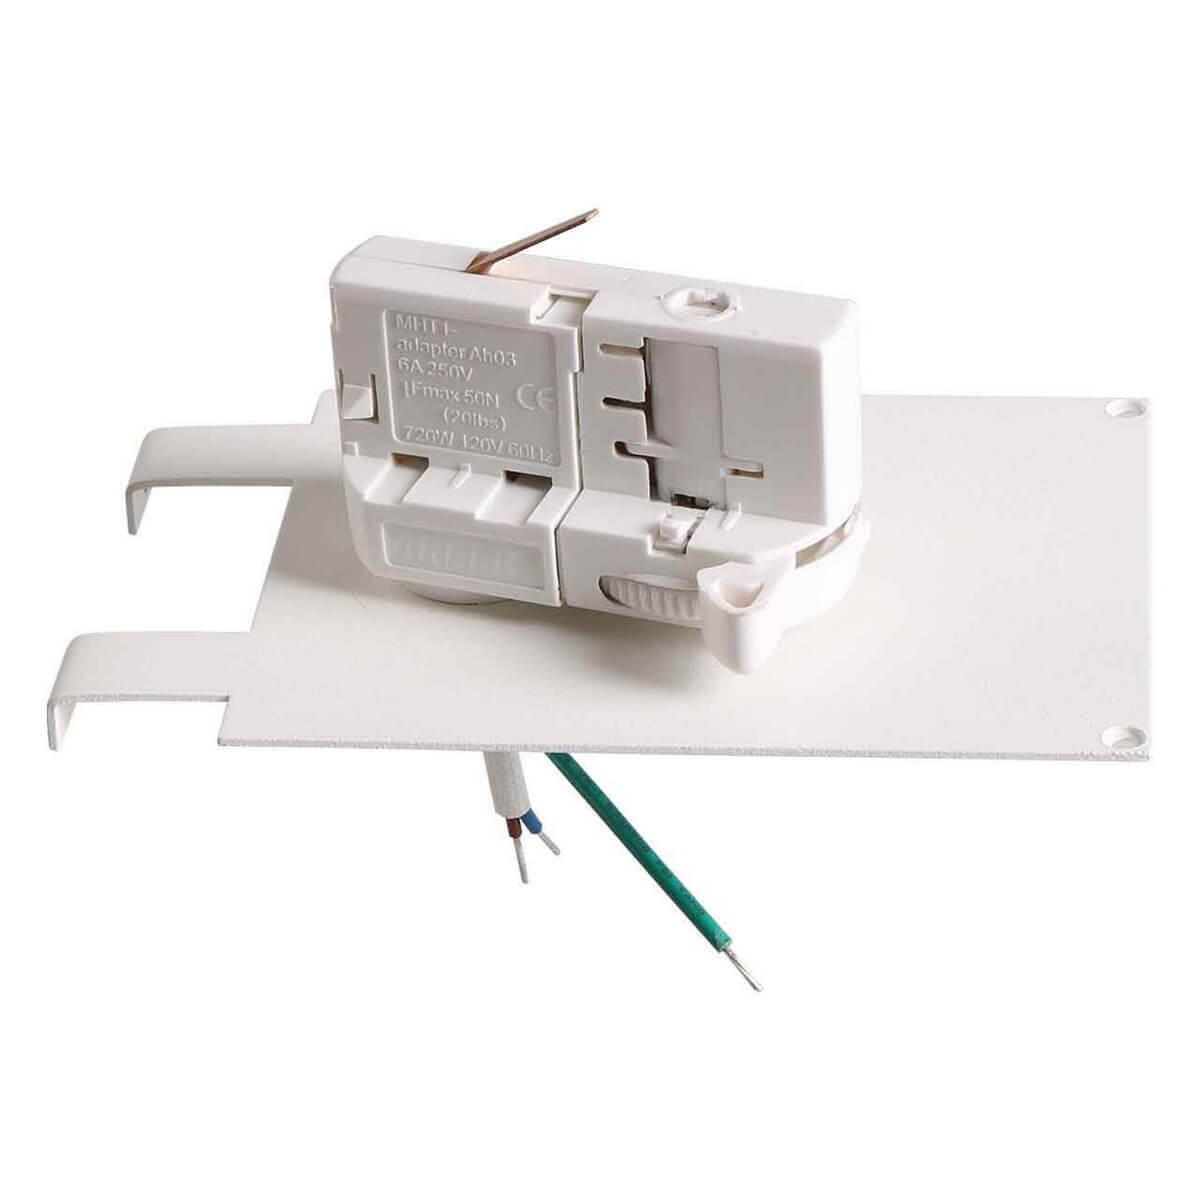 Адаптер для шинопровода Lightstar 594036 Asta White (для трехфазного шинопровода)